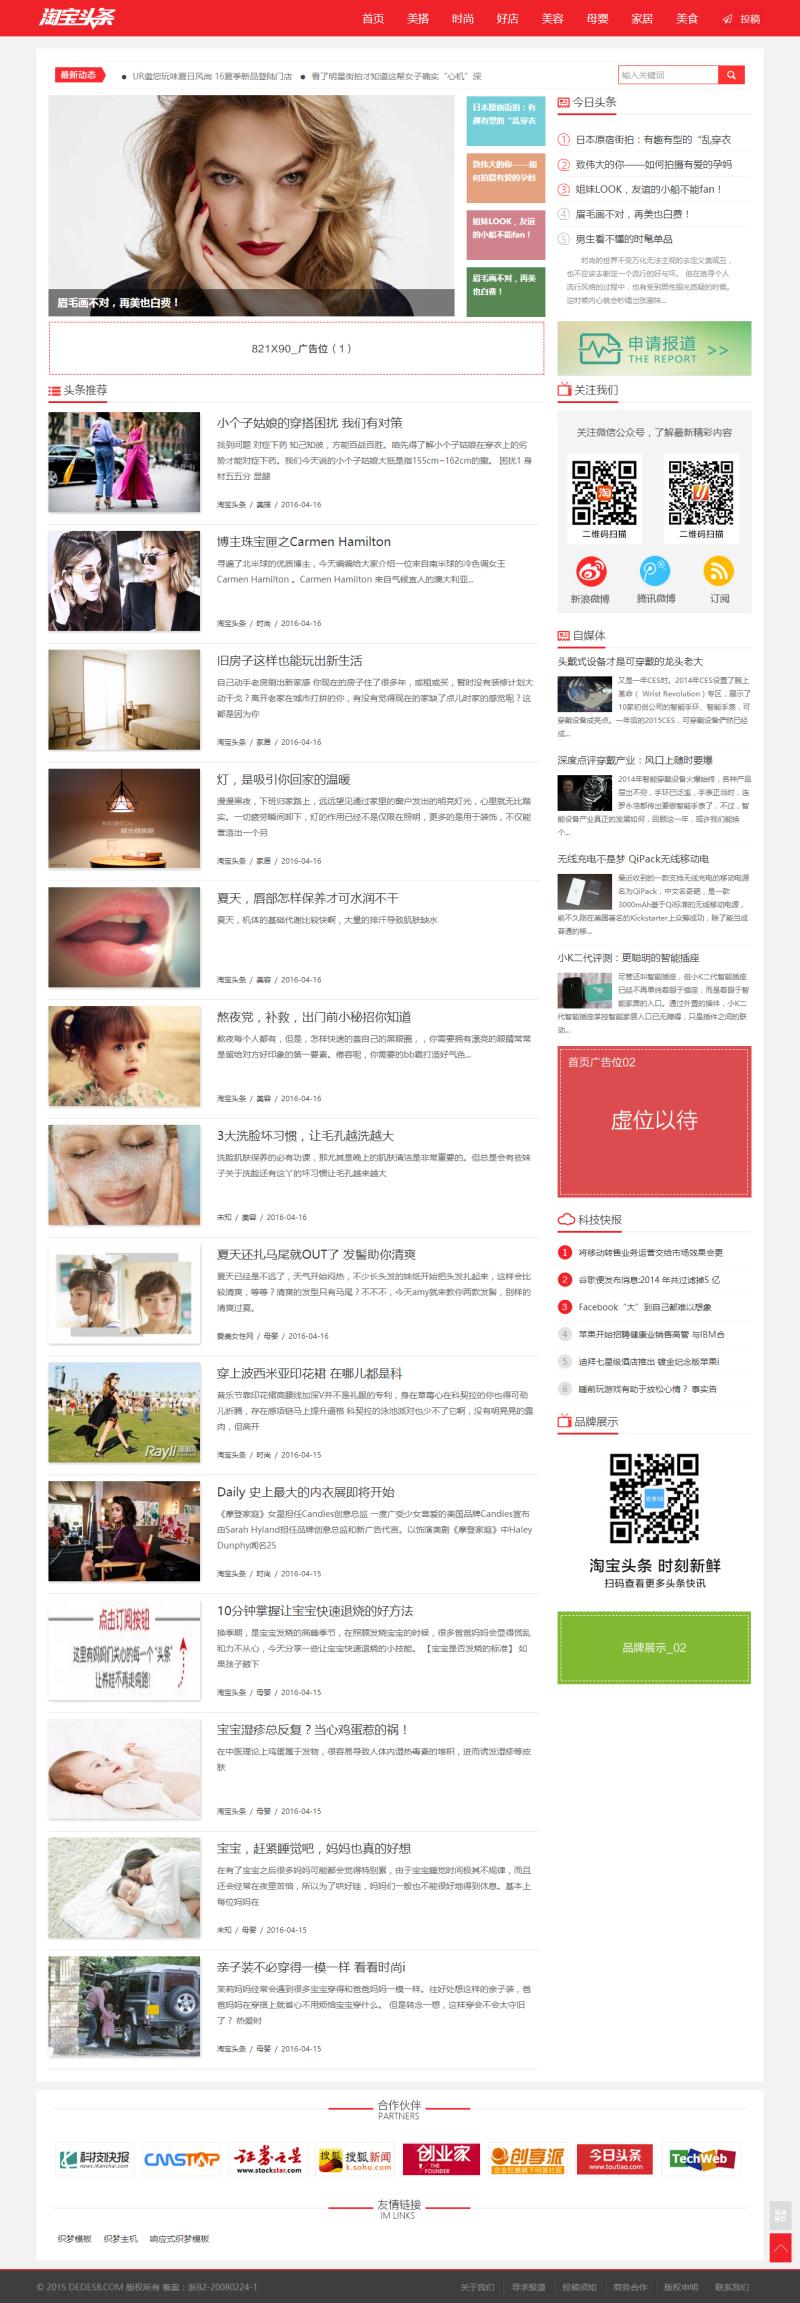 织梦自适应新闻资讯自媒体网站源码PC+移动+投稿功能